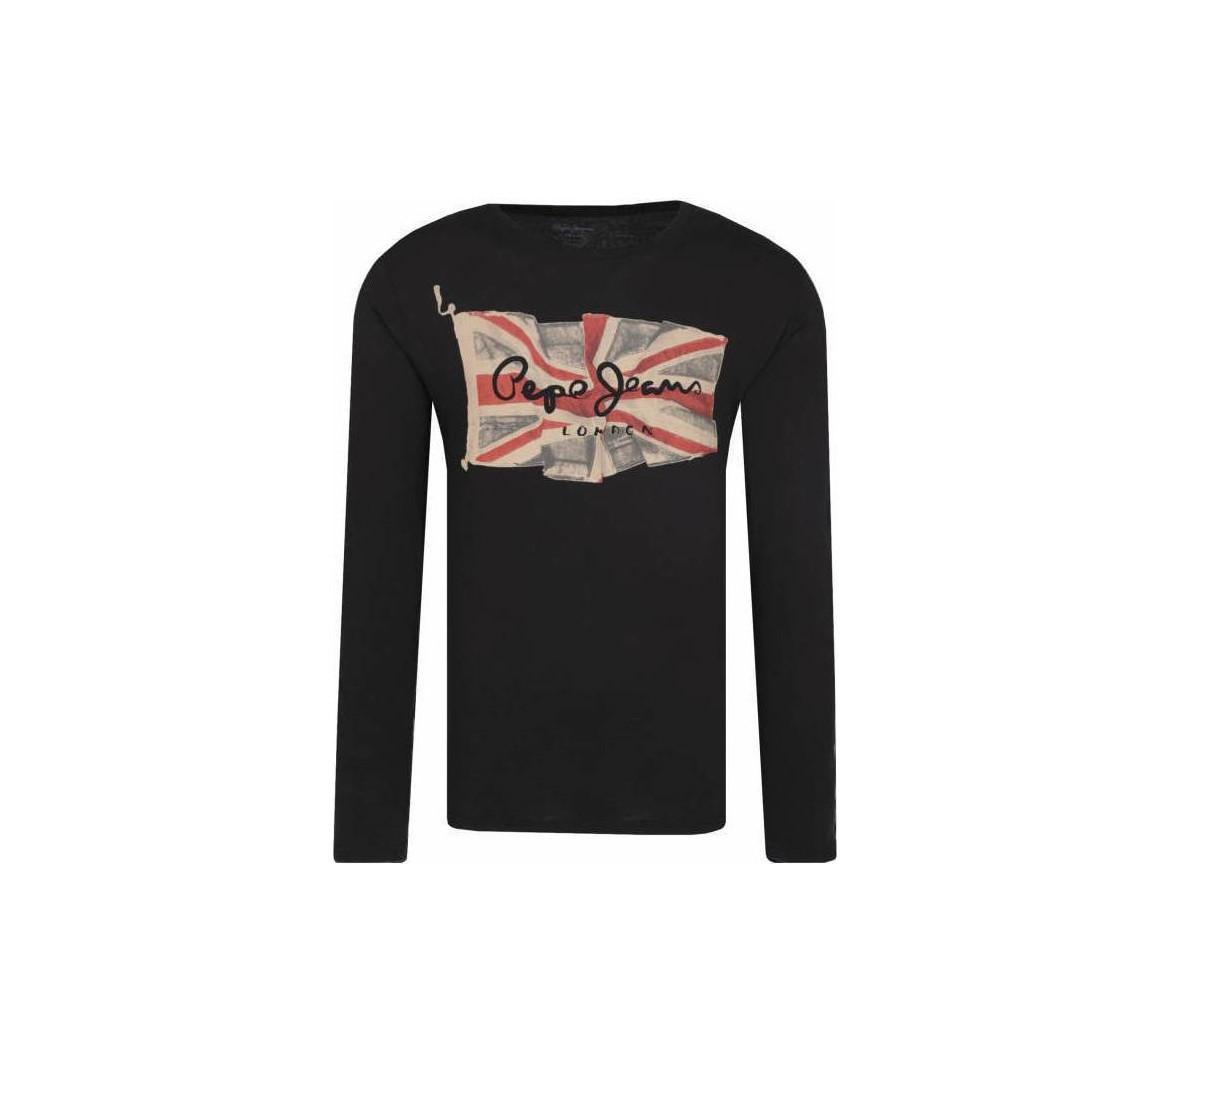 Pepe Jeans pánské tmavě šedé tričko s dlouhým rukávem FLAG LOGO LS